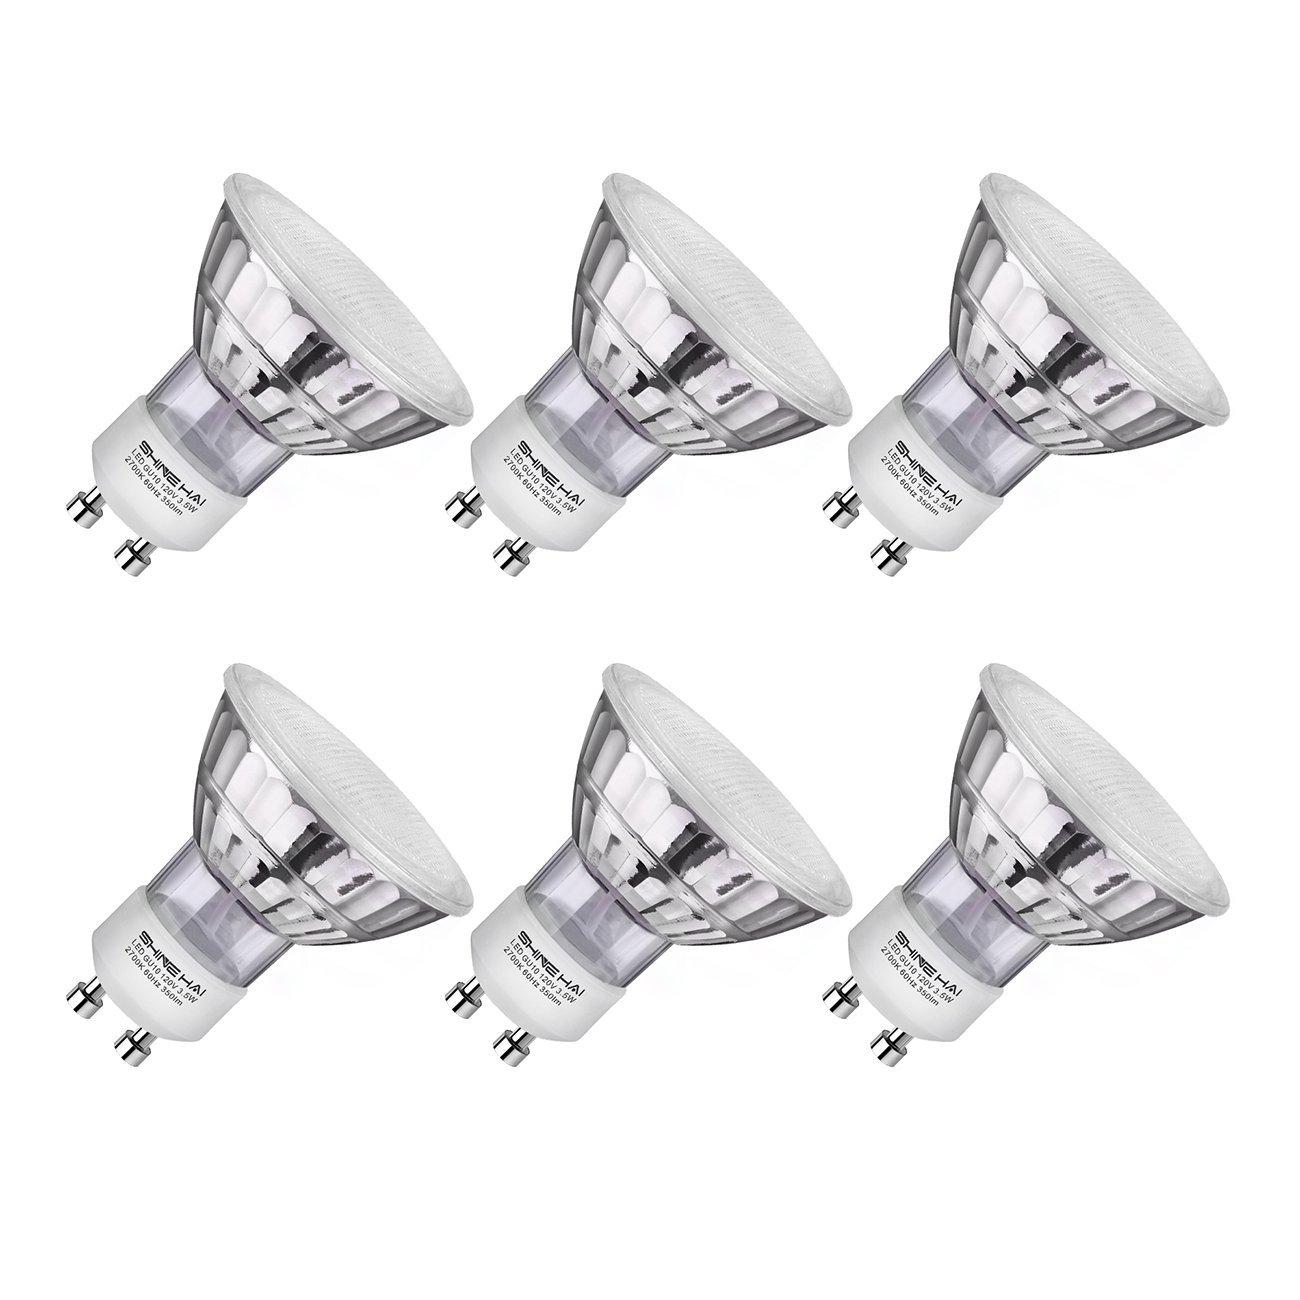 6 Pack SHINE HAI GU10 LED Bulbs 2700K/5000K $5.99 FS w/ Prime